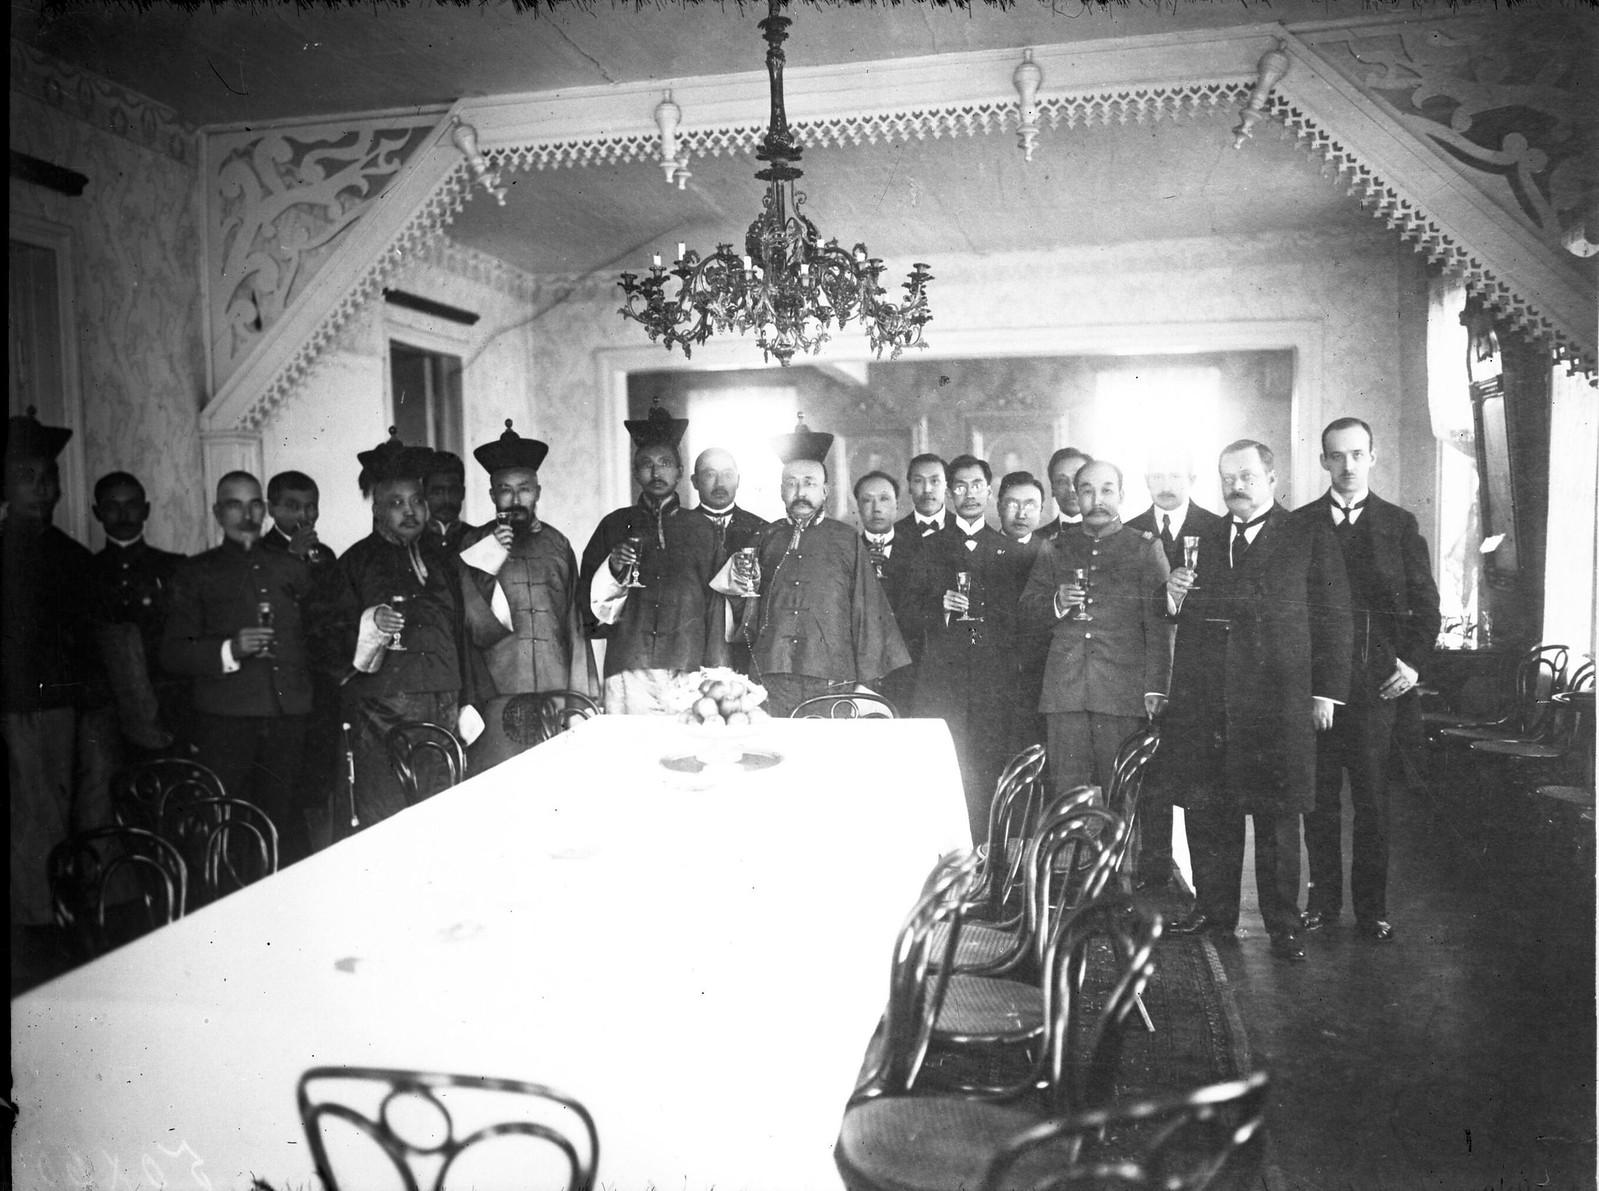 14. 1914. Подписание трехстороннего договора между Монголией, Россией и Китаем (известный как Кяхтинский договор)